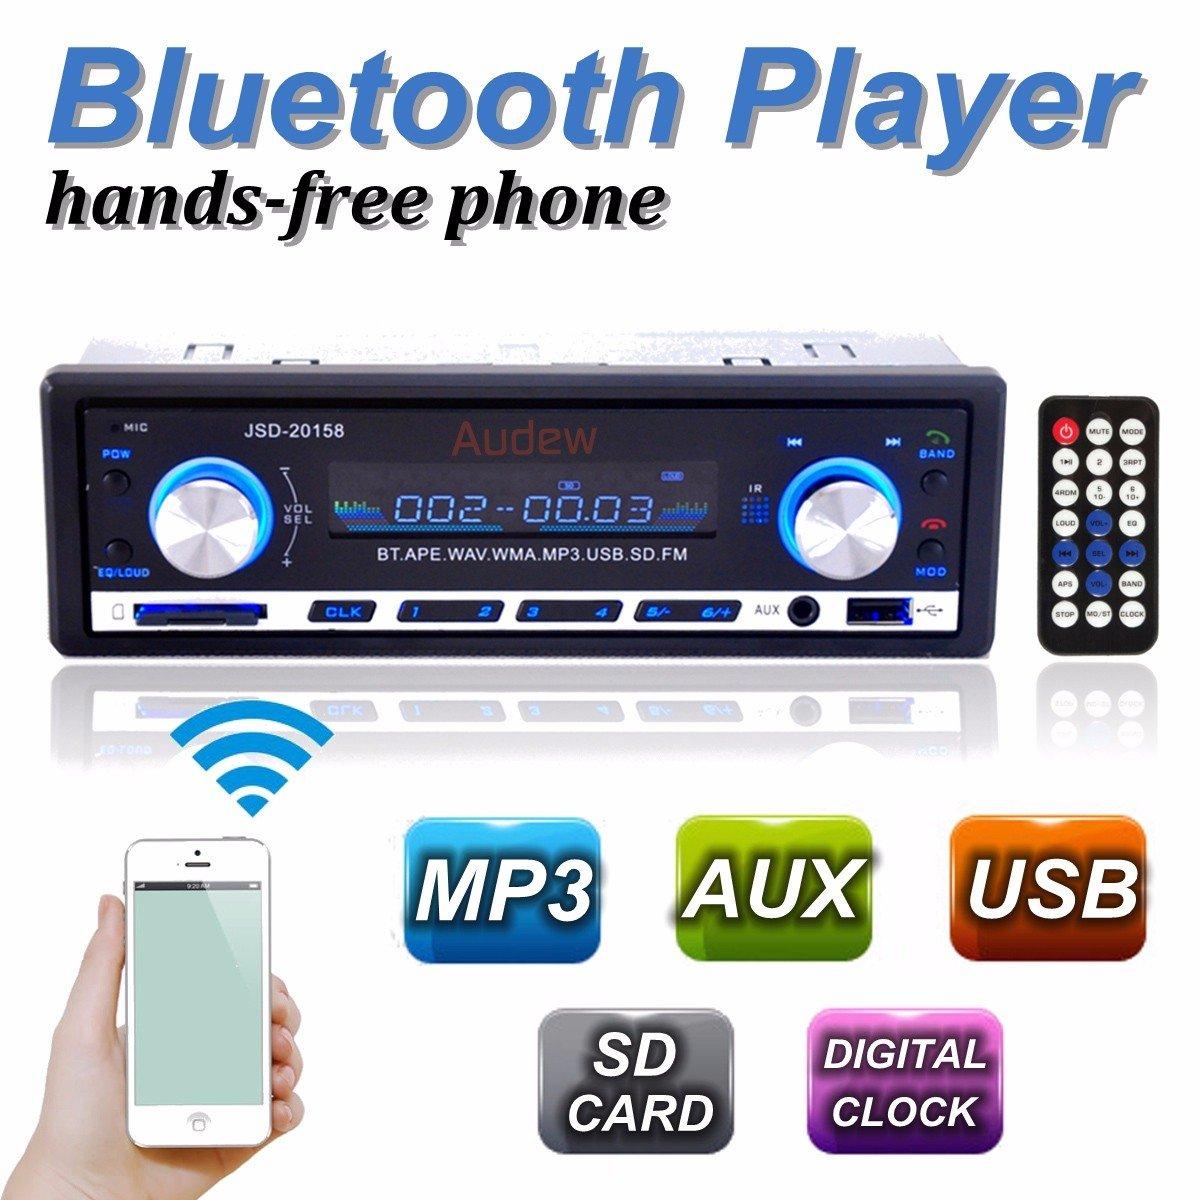 Audew Auto Radio Coche Bluetooth Estereo In Dash AUX USB SD Reproductor Audio MP3 AudewGBSR0wCiV